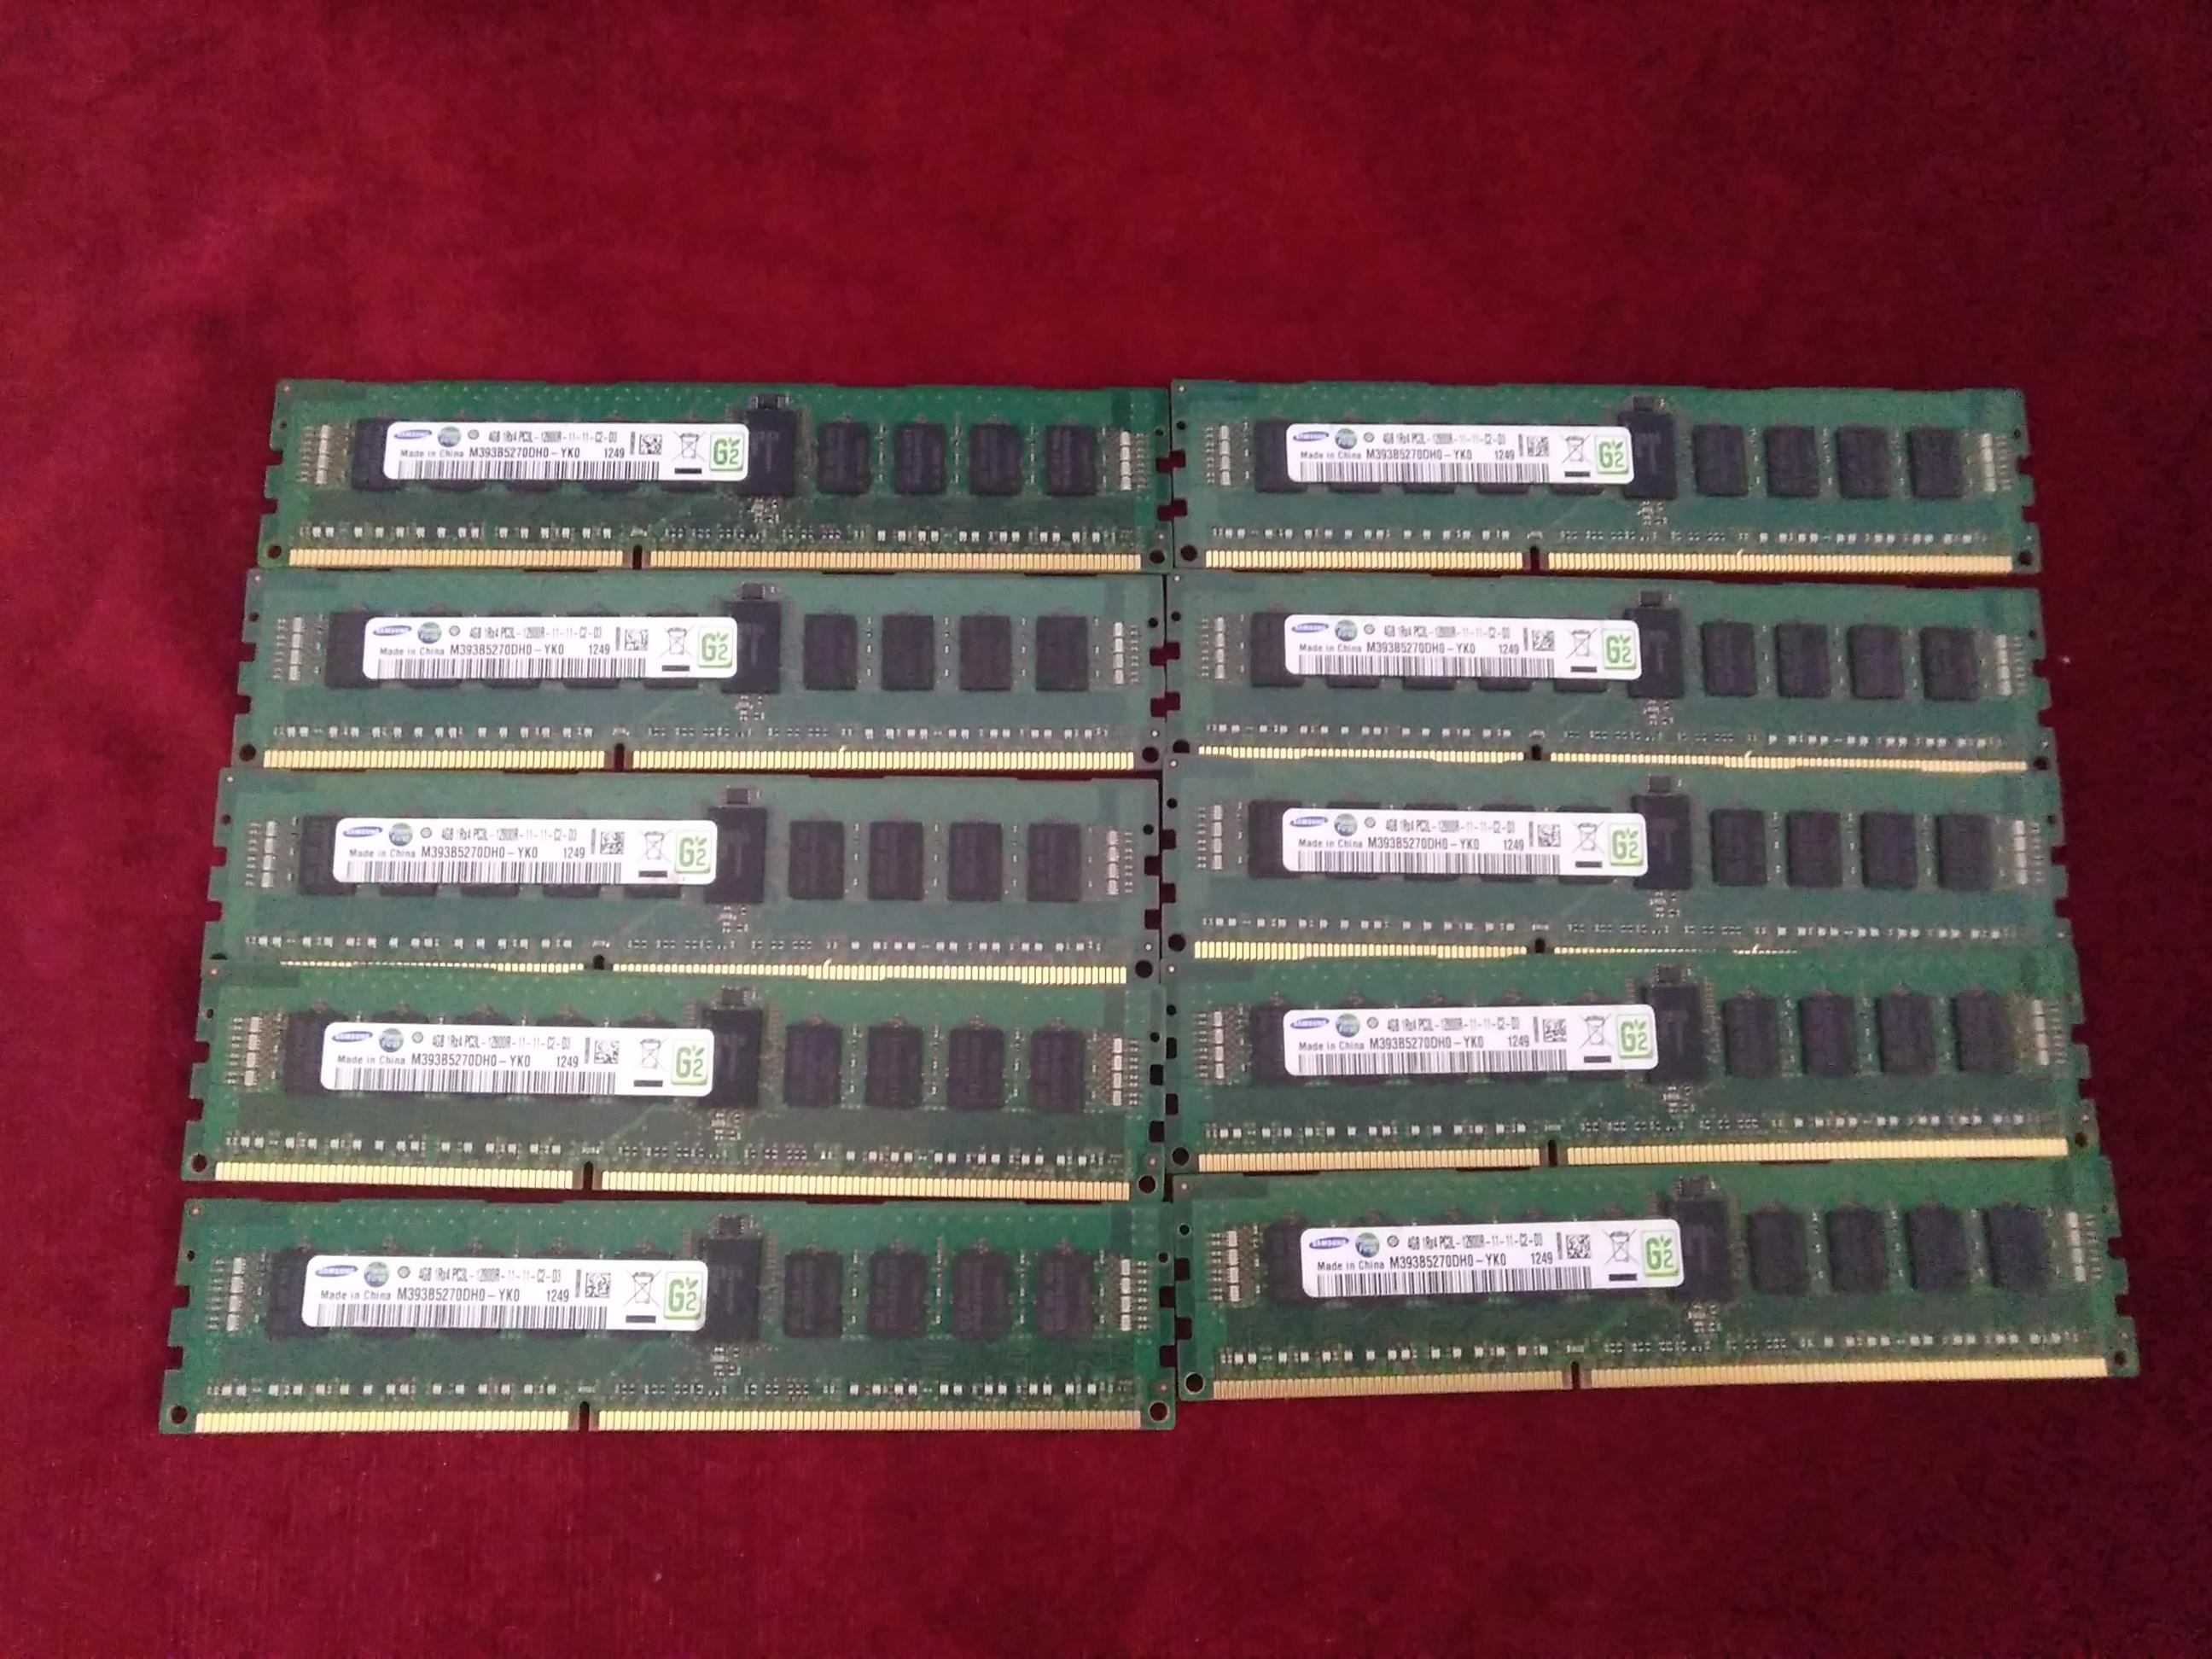 サーバー用RAM/1RX4 PC3L-12800R|SAMUSUNG